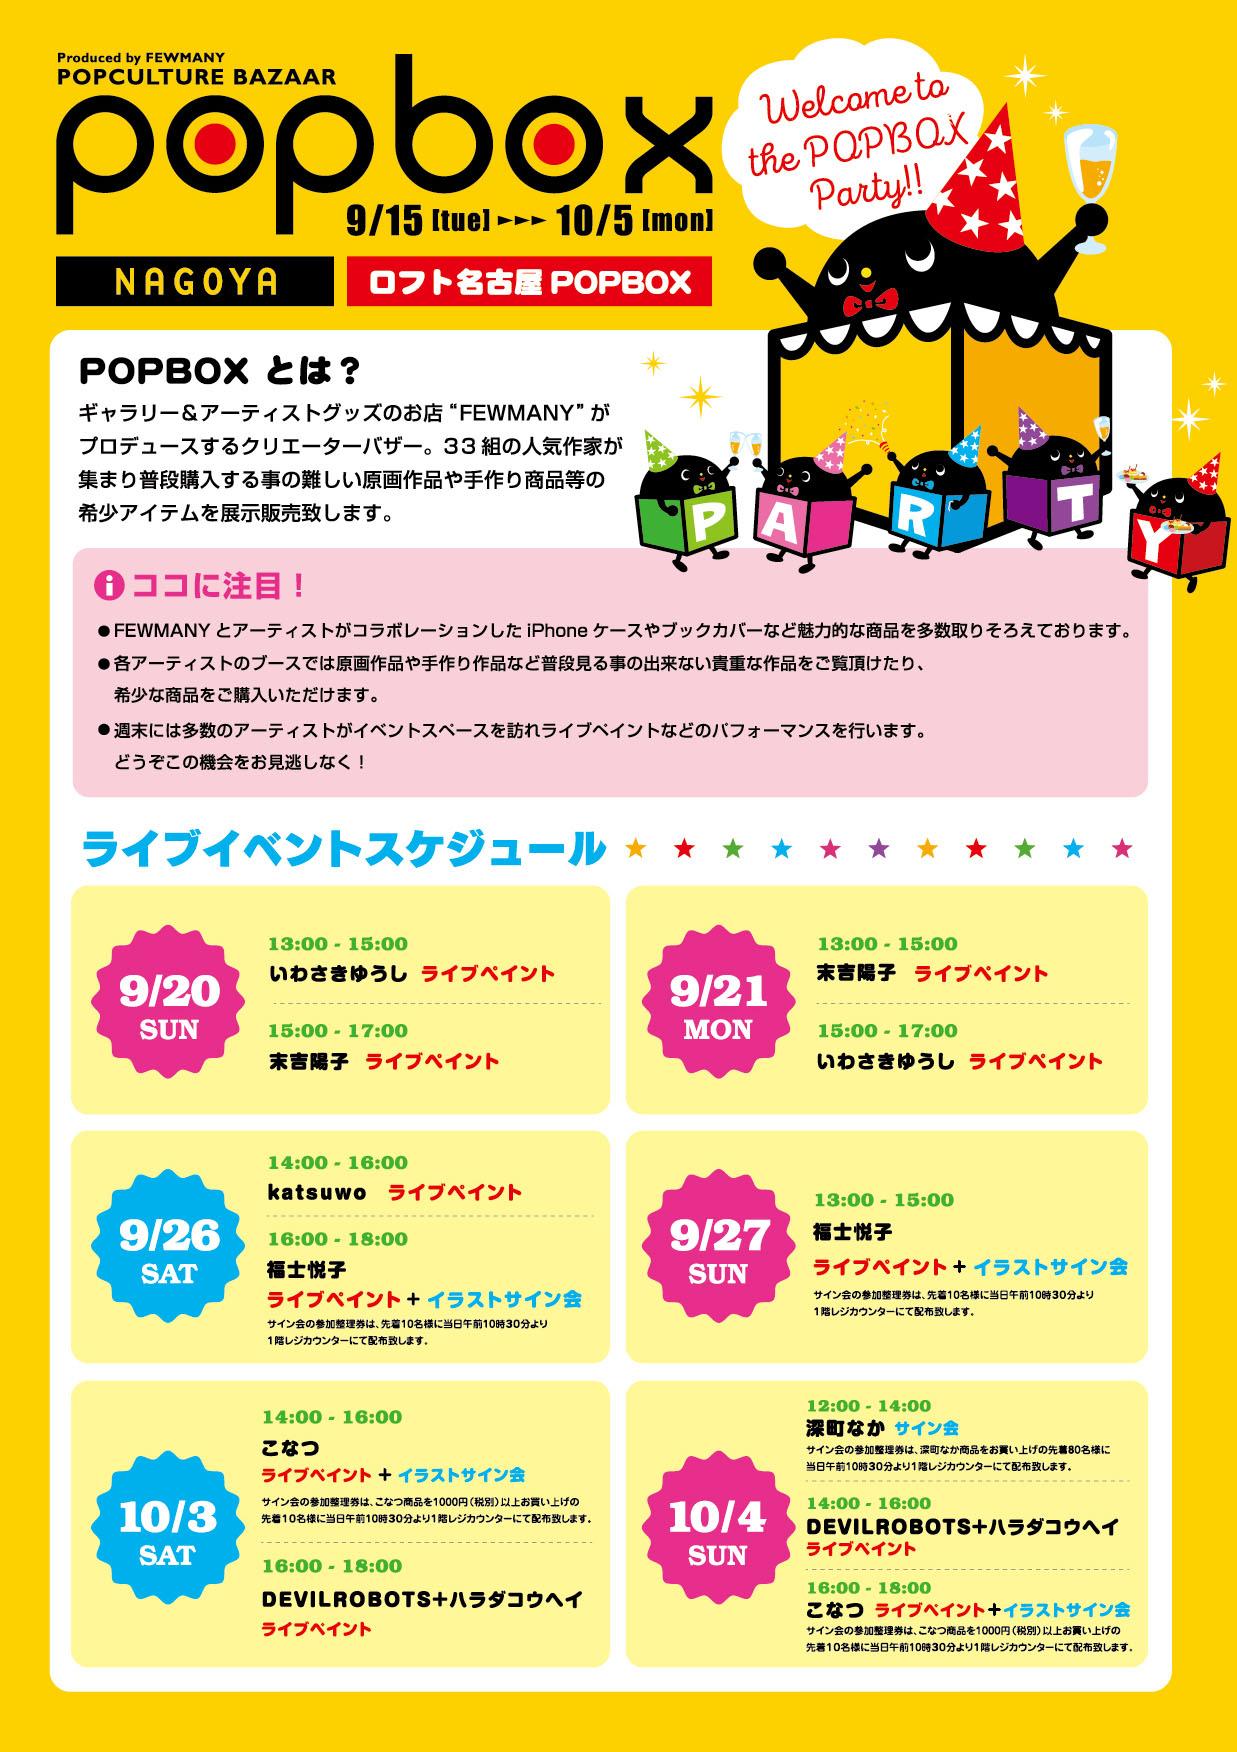 名古屋ロフトPOPBOX開催のお知らせ!_f0010033_131331.jpg